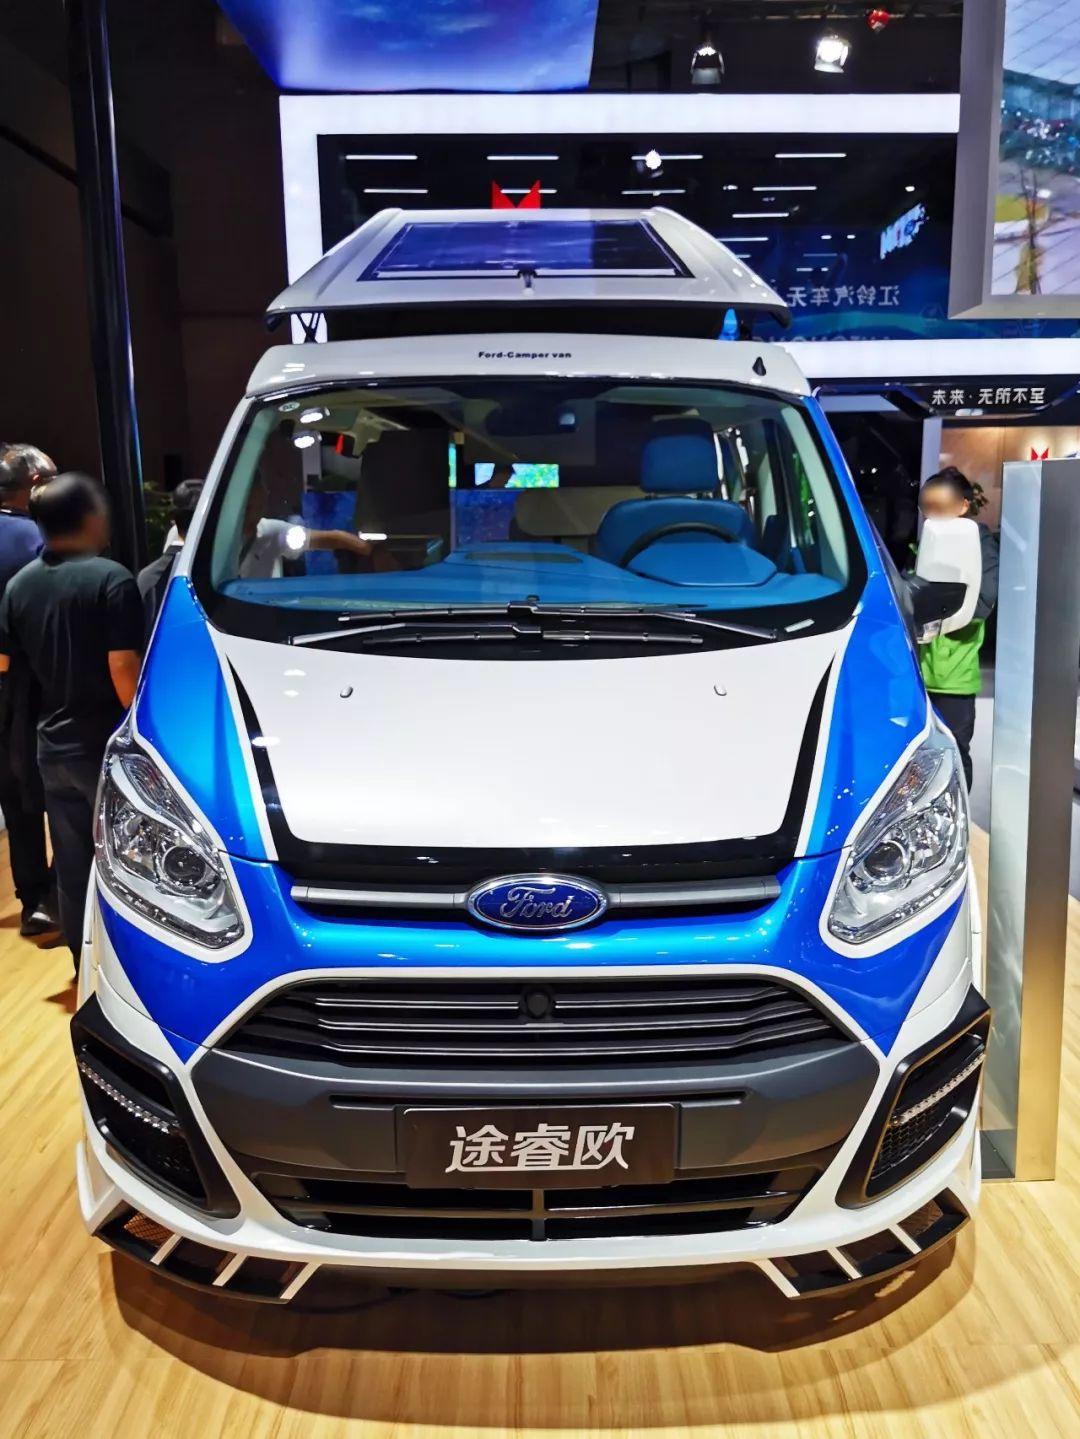 上海车展的这辆